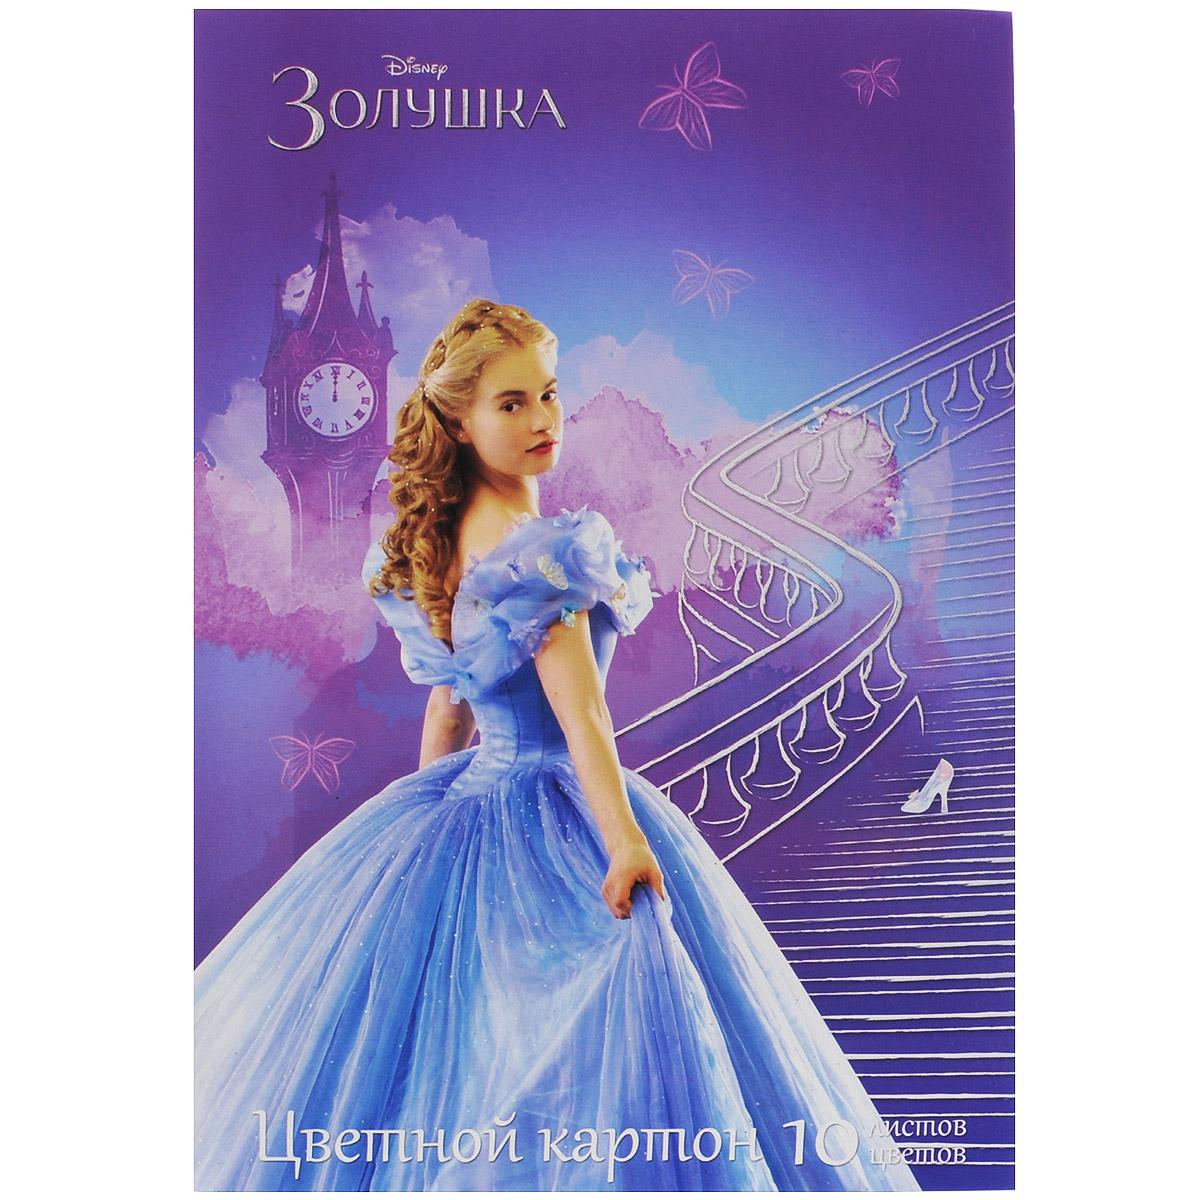 Цветной картон Disney Золушка, 10 цветов26795Цветной картон Disney Золушка формата А4 идеально подходит для детского творчества. В упаковке 10 цветов: желтый, синий, коричневый, красный, оранжевый, фиолетовый, черный, зеленый, золотой и серебристый. Упаковка выполнена из мелованного картона с изображением героини мультфильма Disney Золушка. Большой выбор ярких, насыщенных цветов расширит возможности для создания аппликаций, поделок и открыток. Рекомендуемый возраст: от 3 лет.